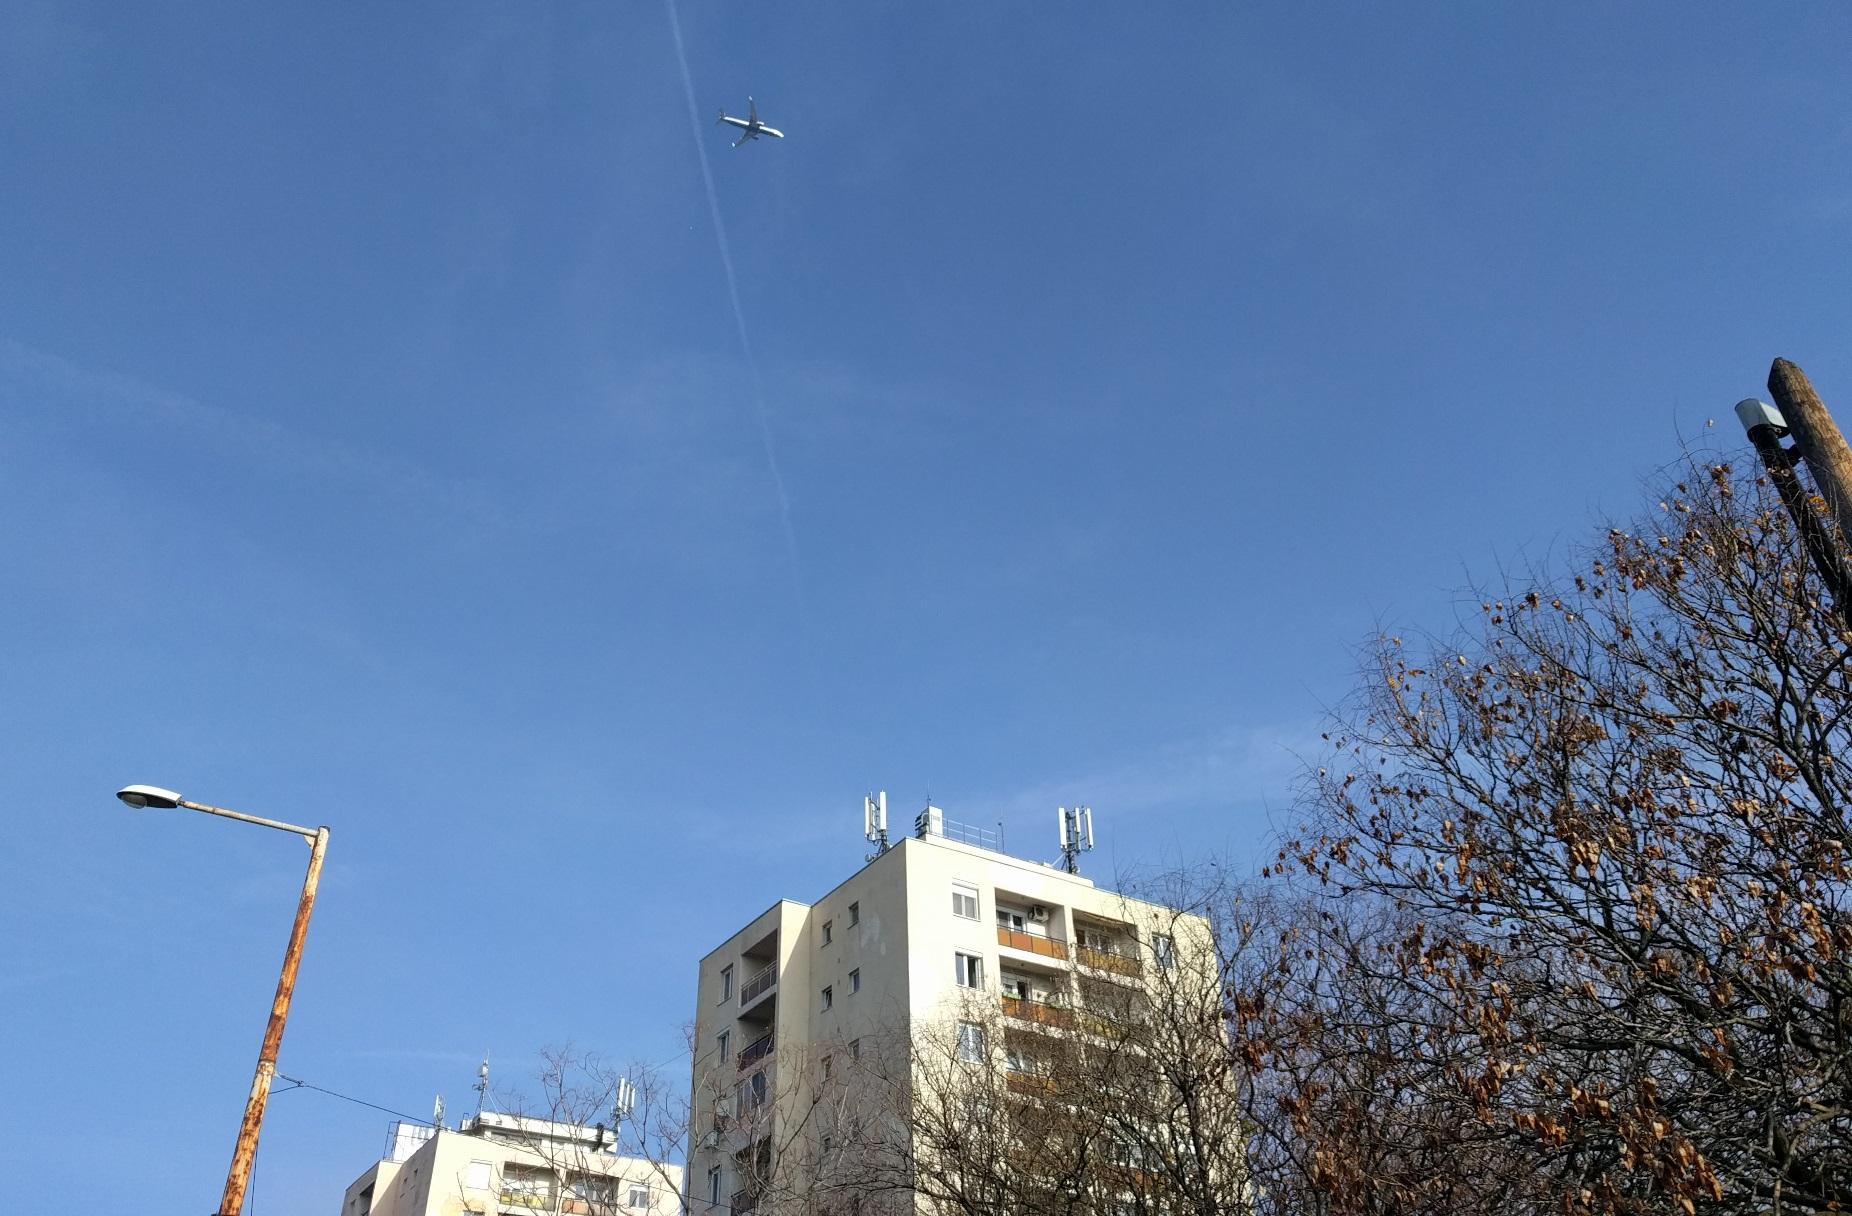 Fél nap alatt 112 repülőgép szállt el egy zuglói ház fölött